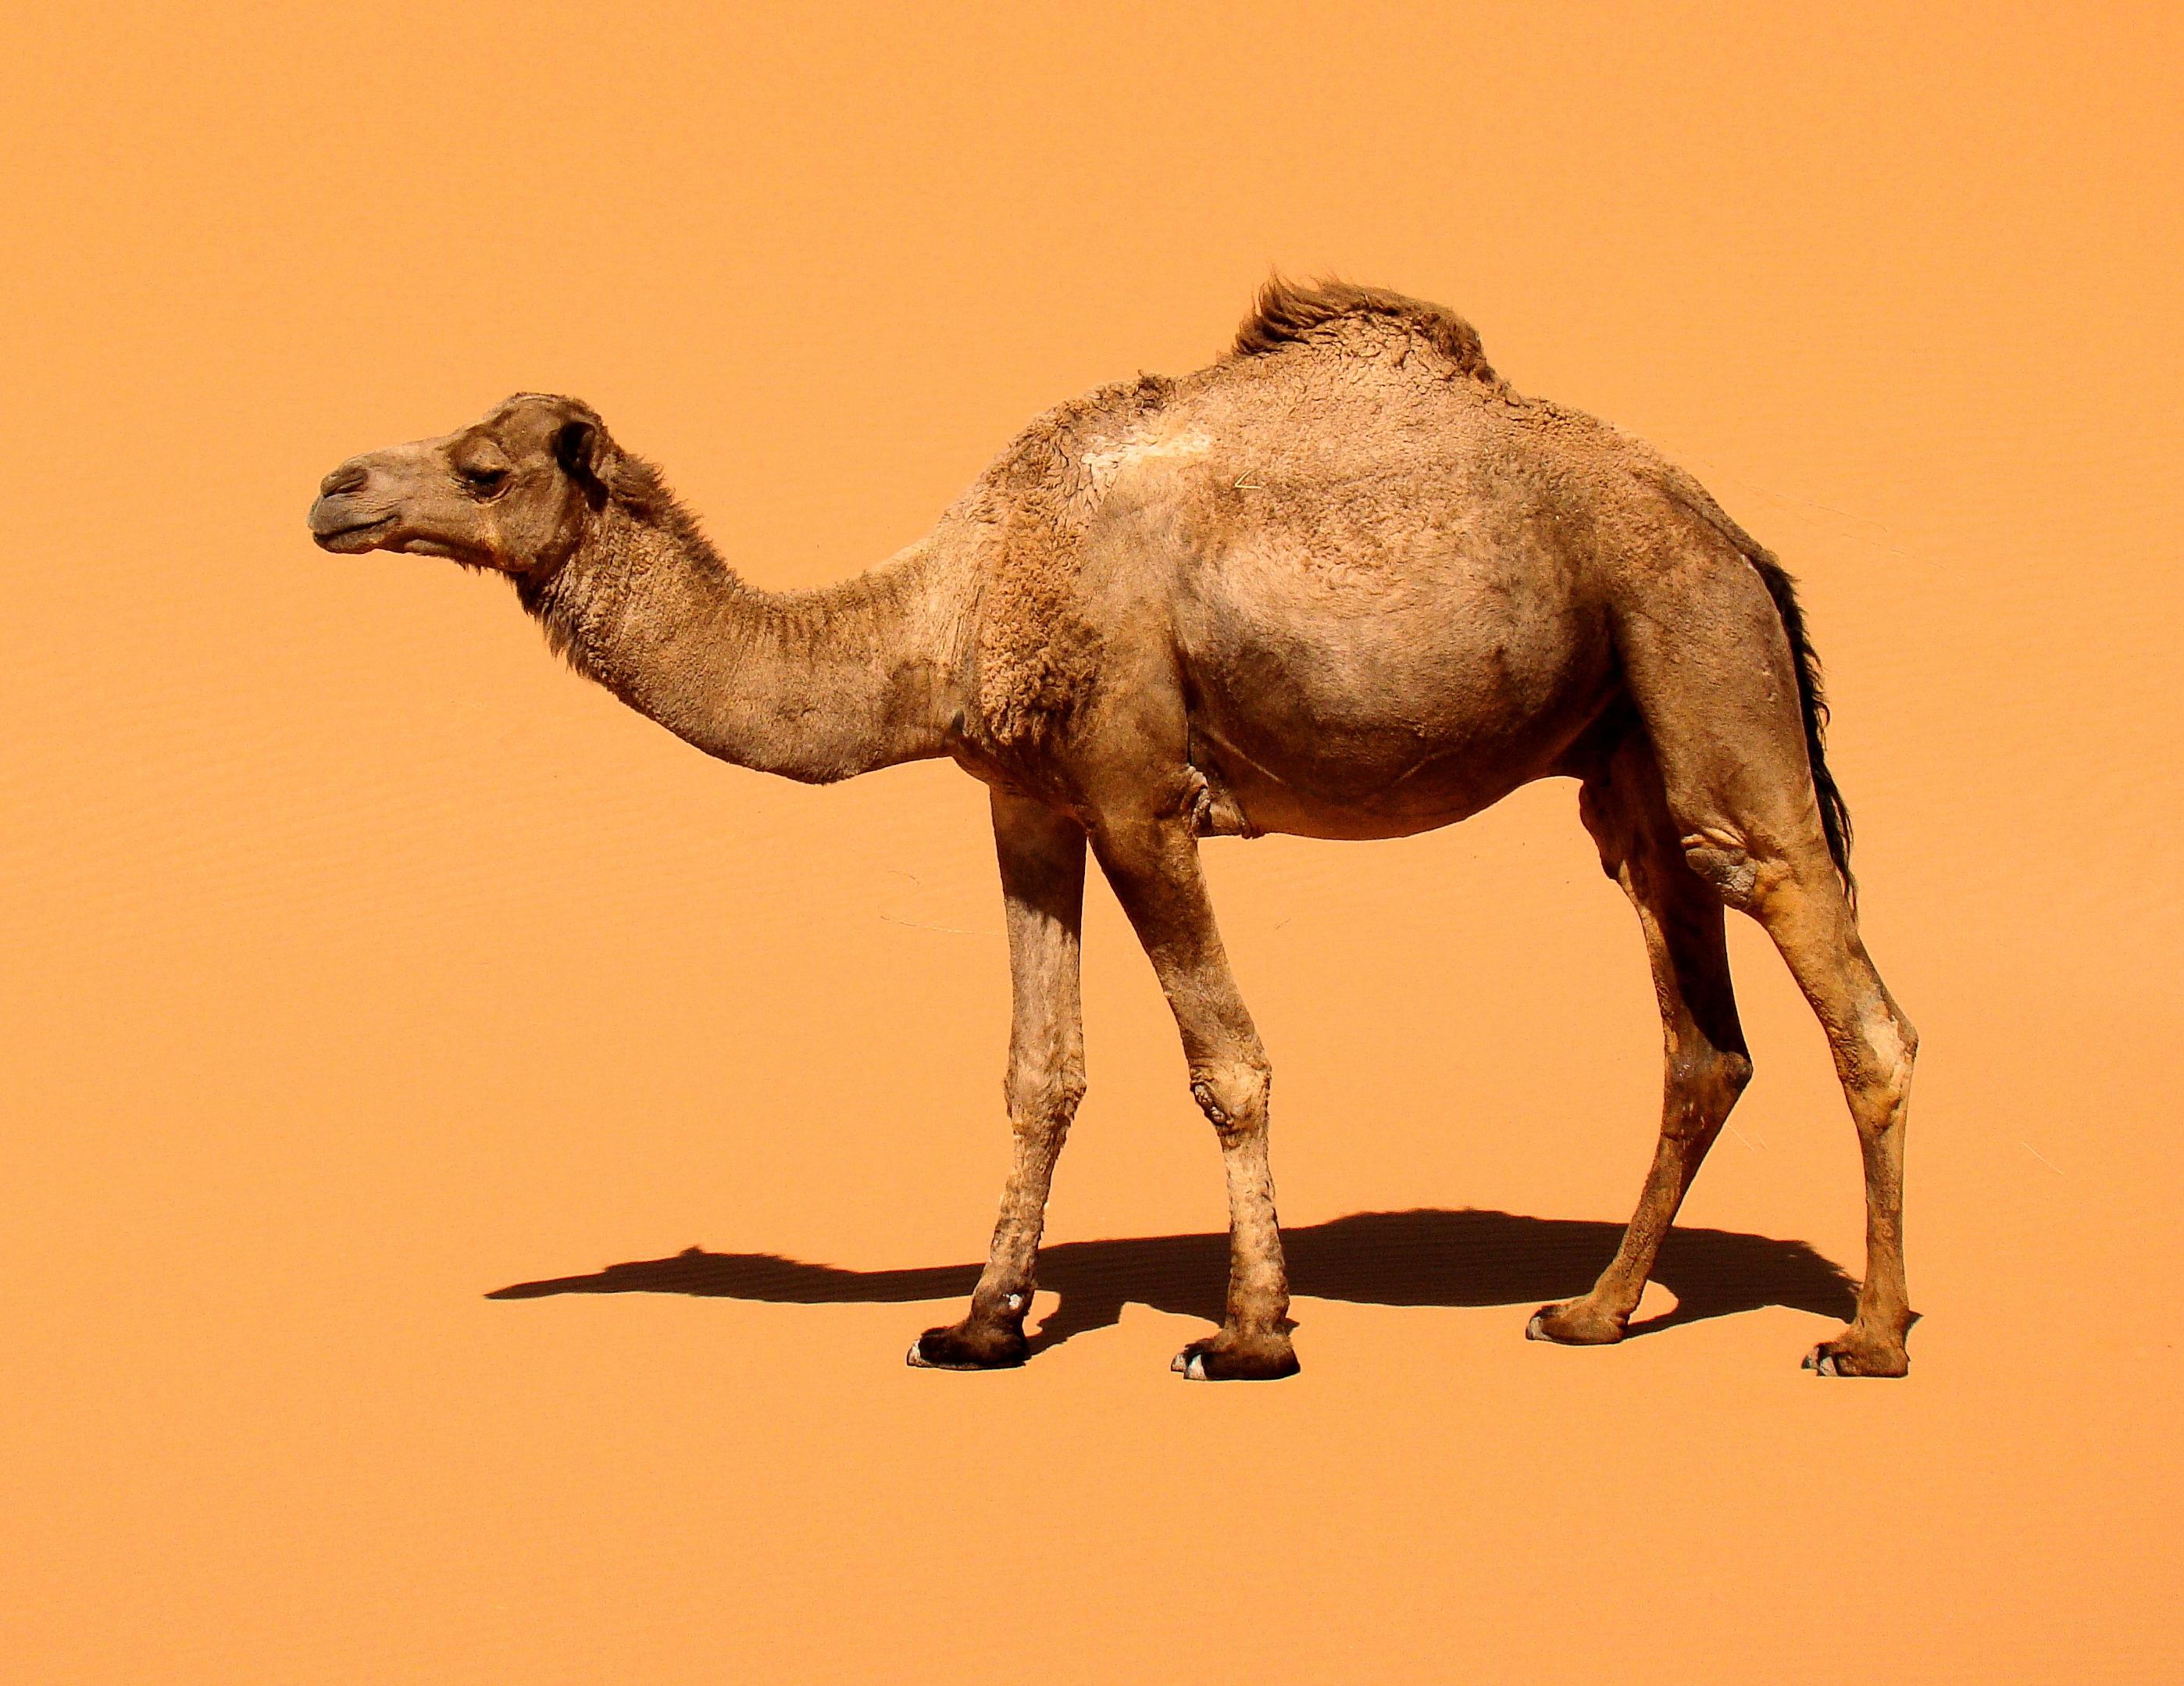 Camel Hd Wallpaper